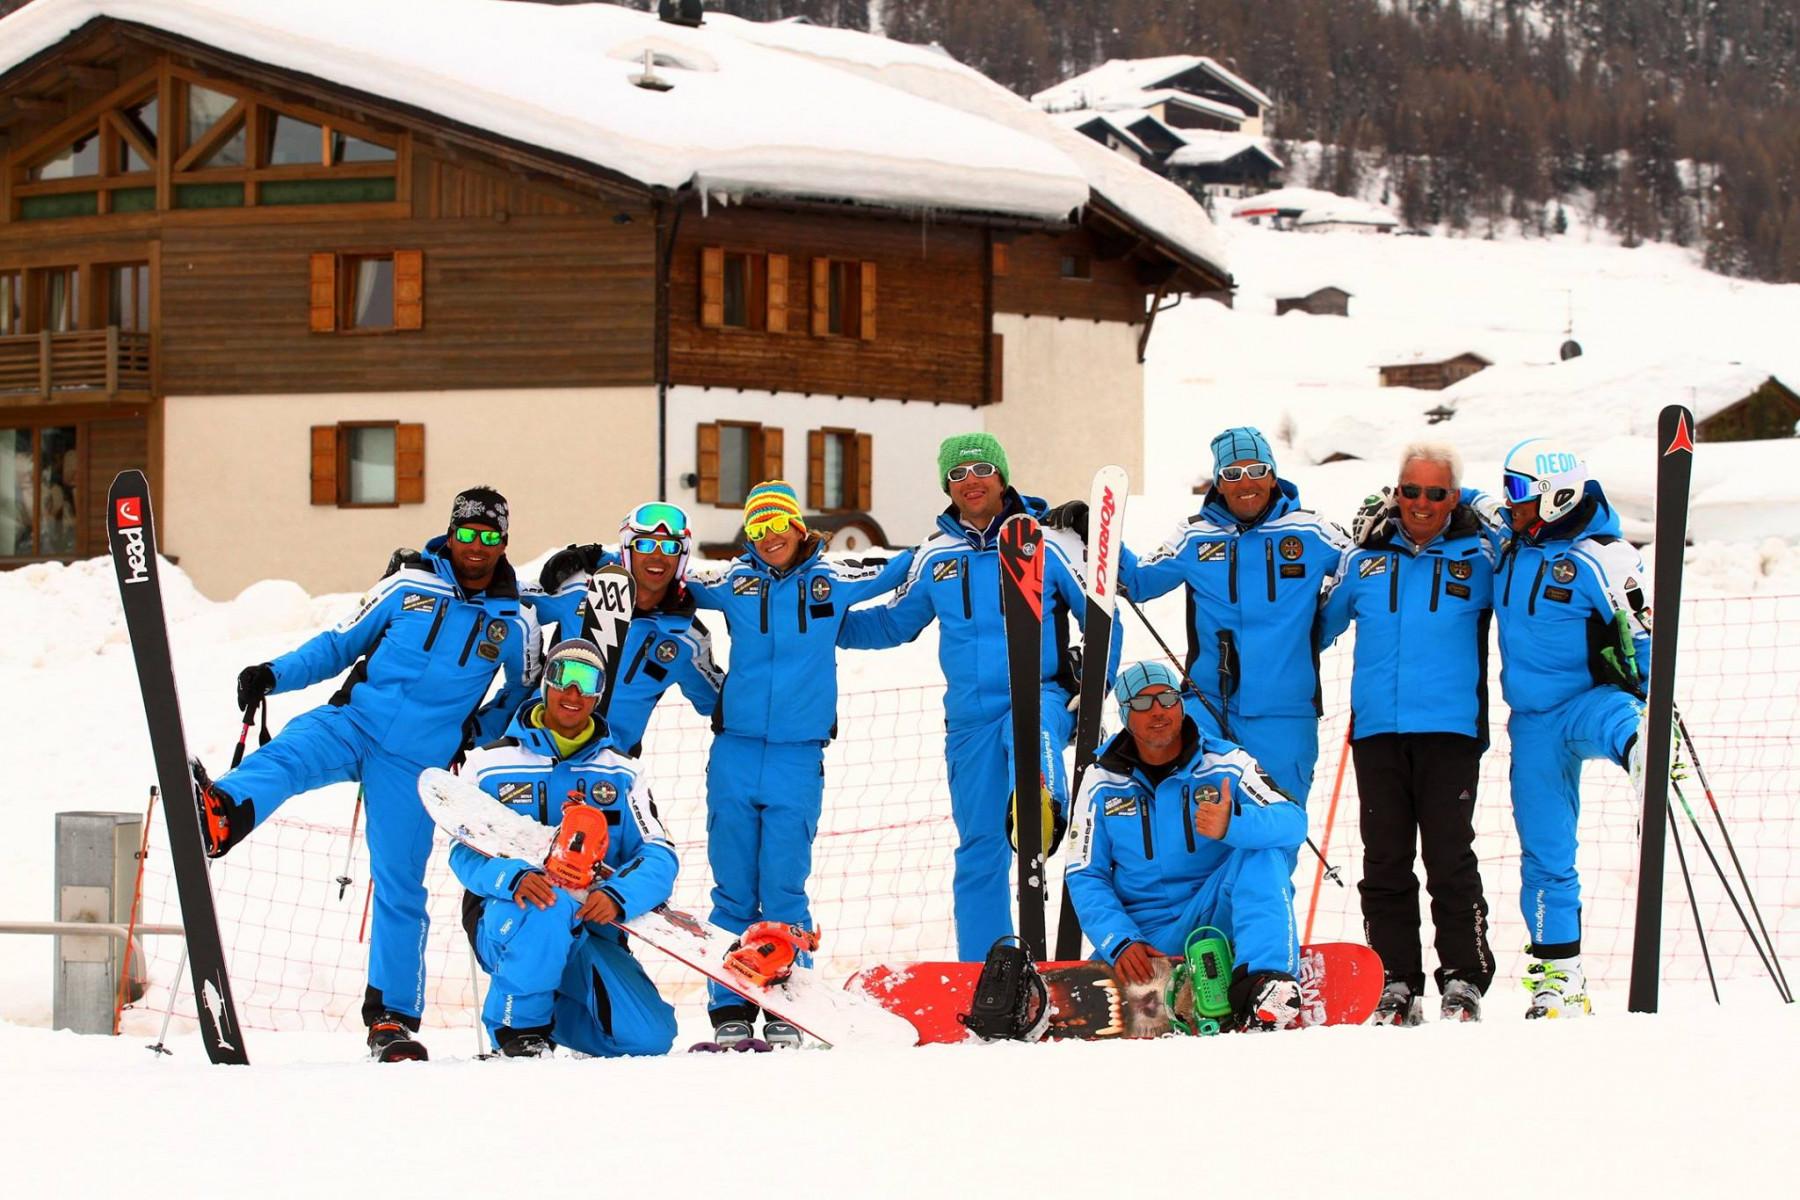 Lezione privata di sci a Livigno per tutti i livelli